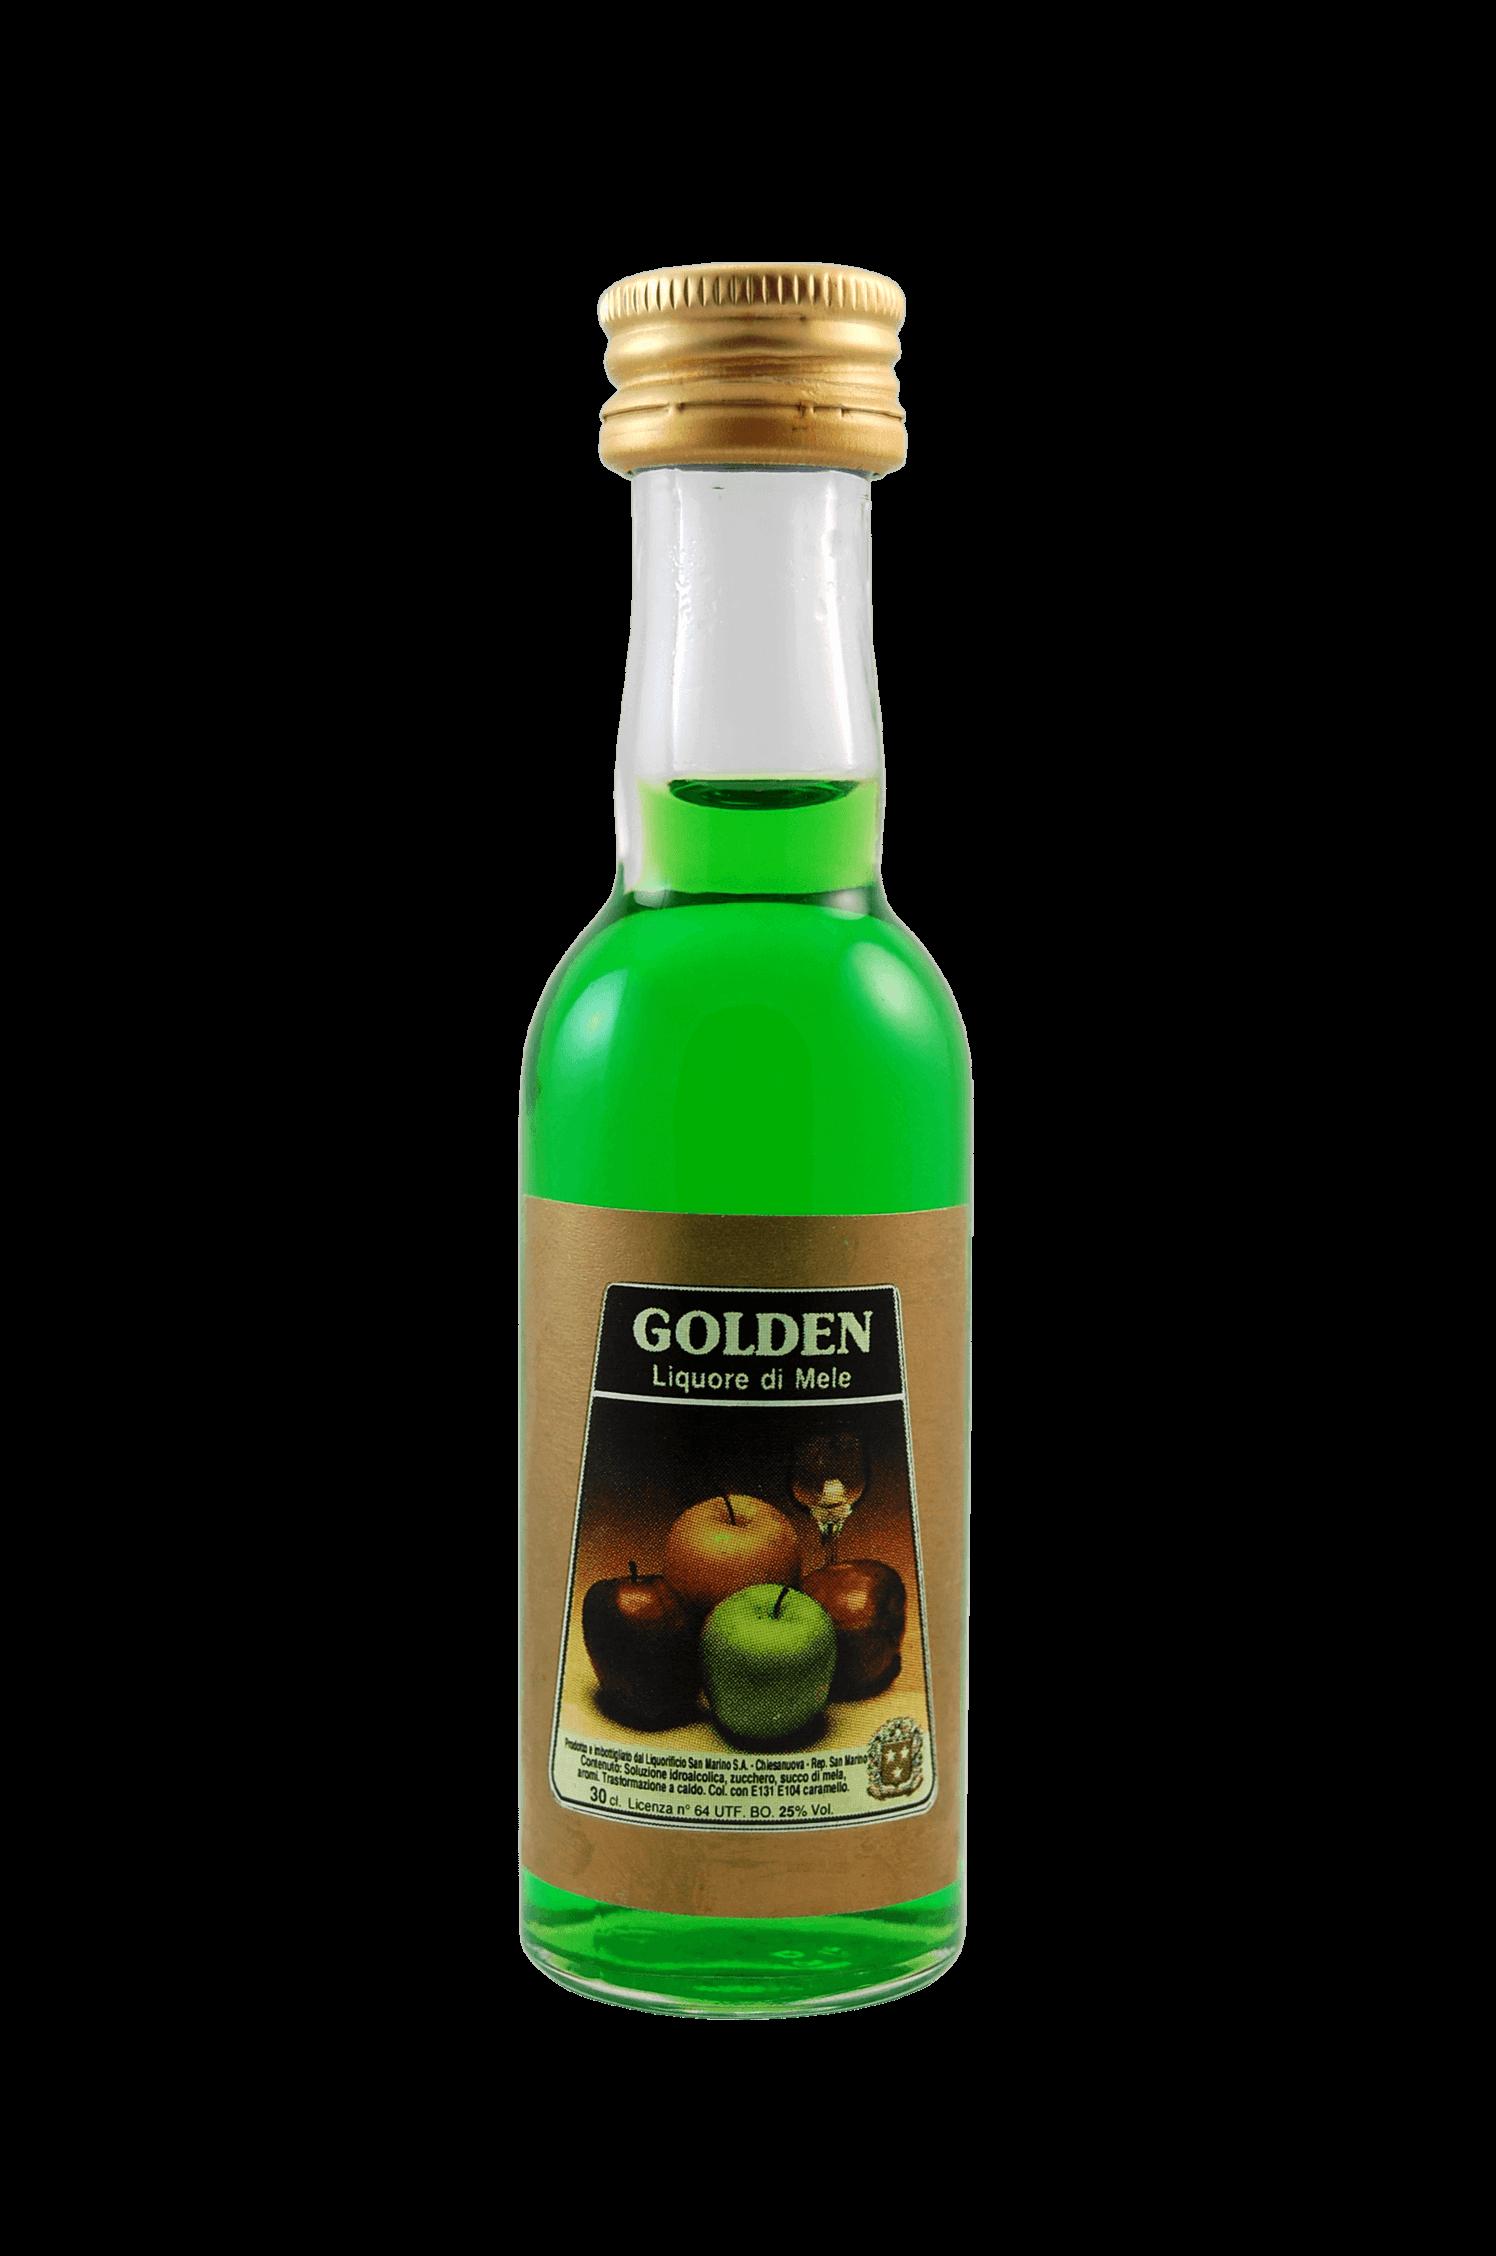 Golden Liquore Di Mele